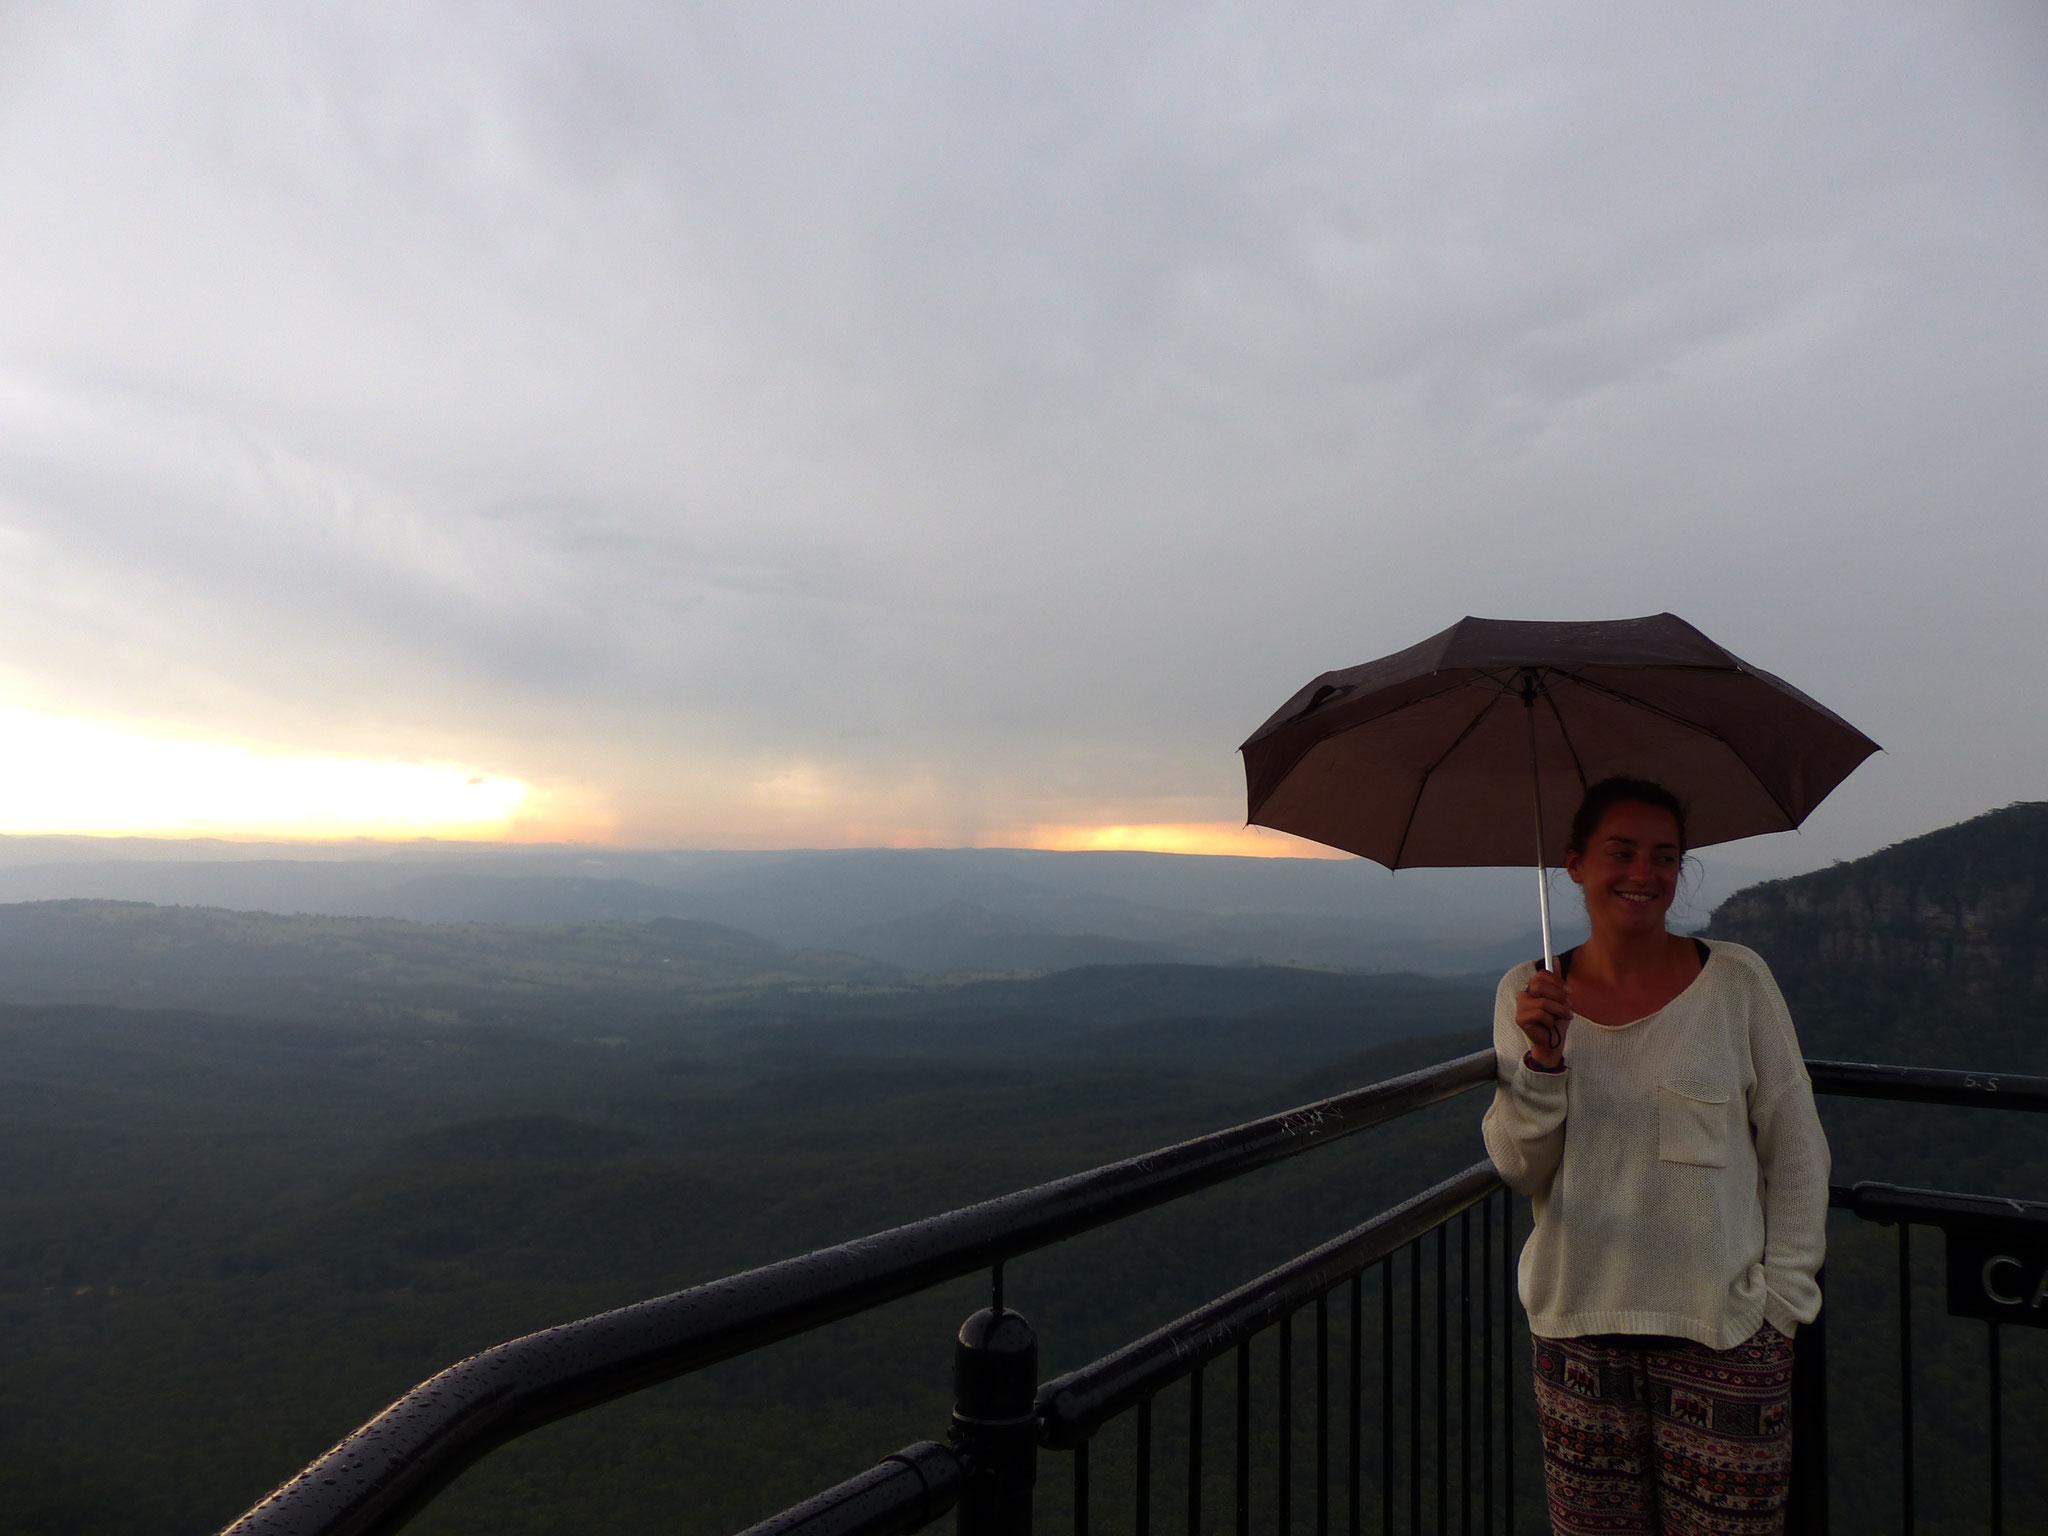 Point de vue nommé Cahills (brume et pluie:)